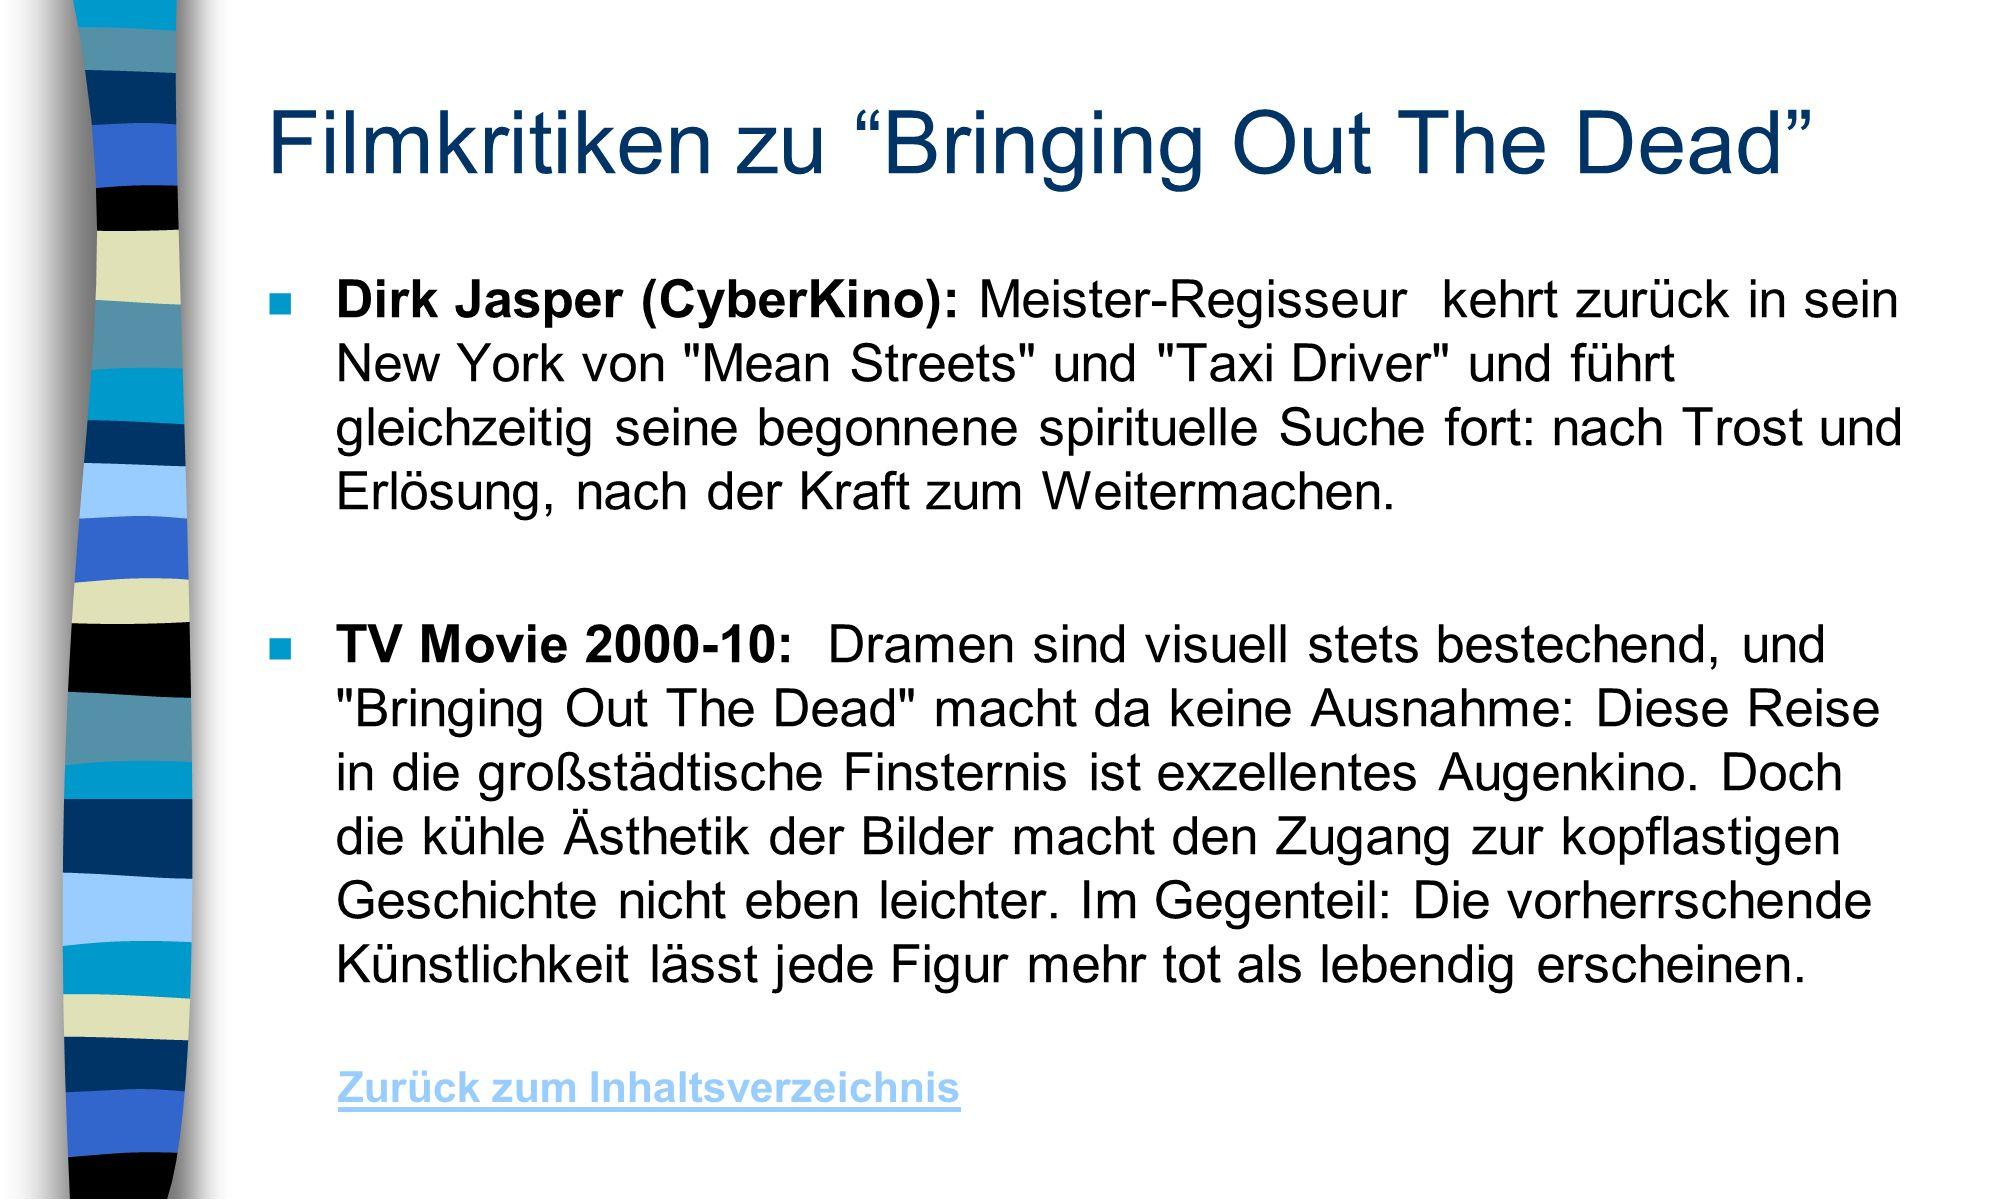 Filmkritiken zu Bringing Out The Dead n Dirk Jasper (CyberKino): Meister-Regisseur kehrt zurück in sein New York von Mean Streets und Taxi Driver und führt gleichzeitig seine begonnene spirituelle Suche fort: nach Trost und Erlösung, nach der Kraft zum Weitermachen.